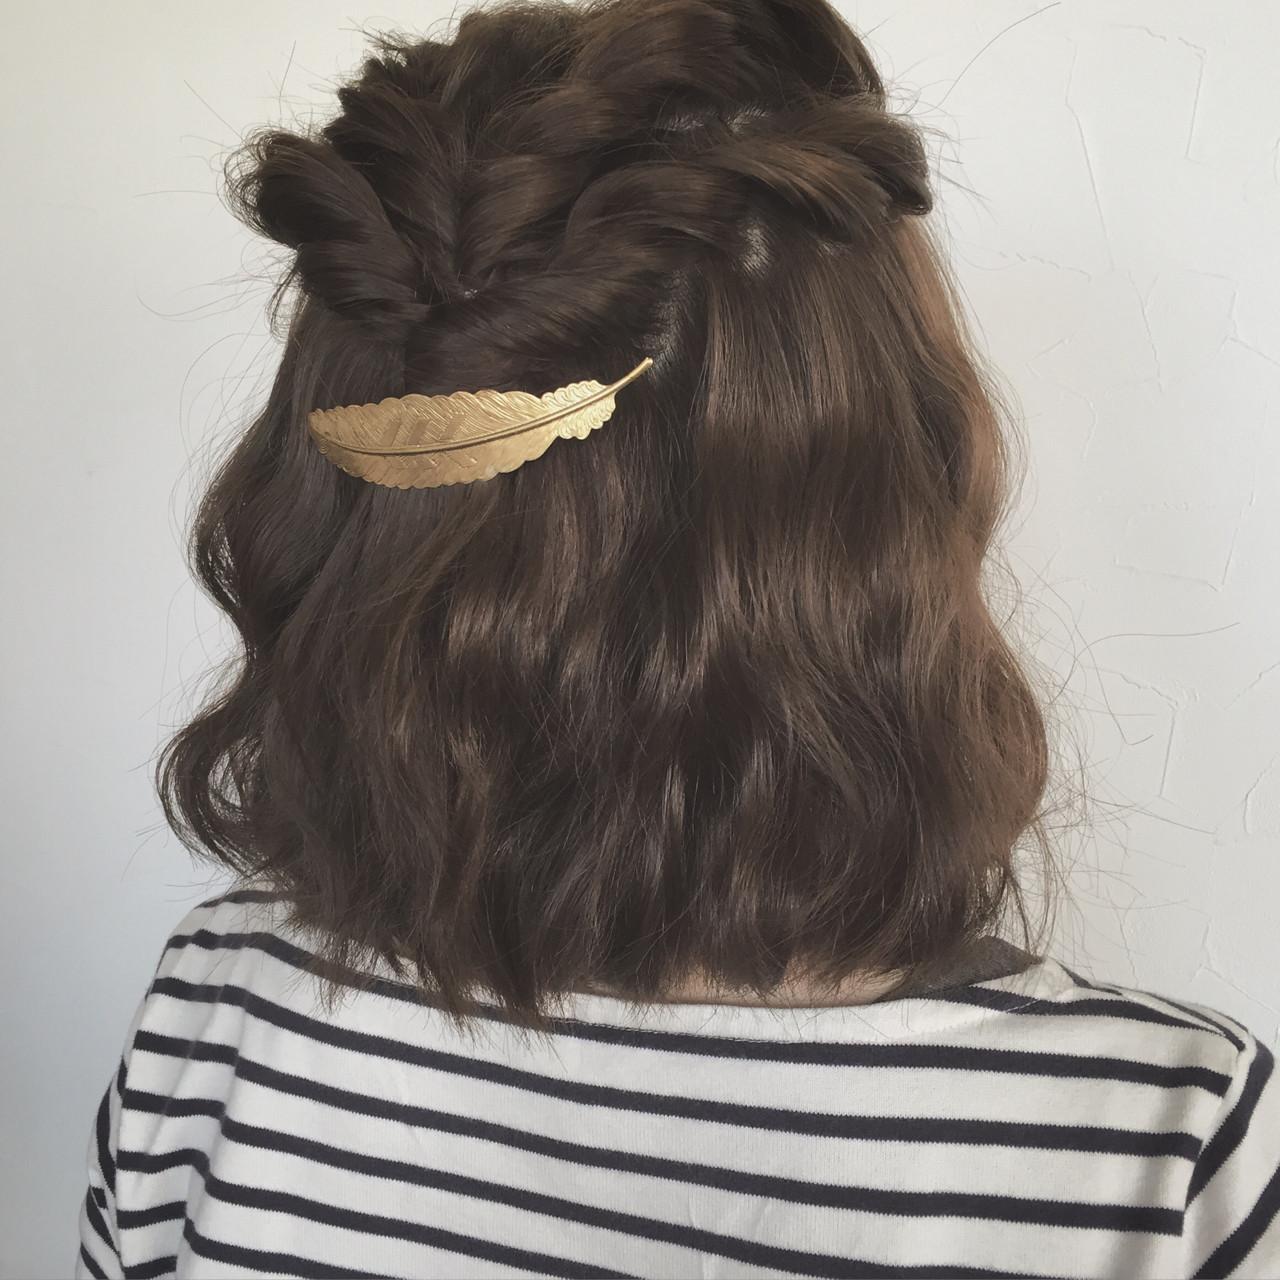 [詳しい方法付き]毎日をオシャレに飾りたい!誰でもできる簡単ヘアアレンジ特集 出典:大西未紗 / HAIR LEAP